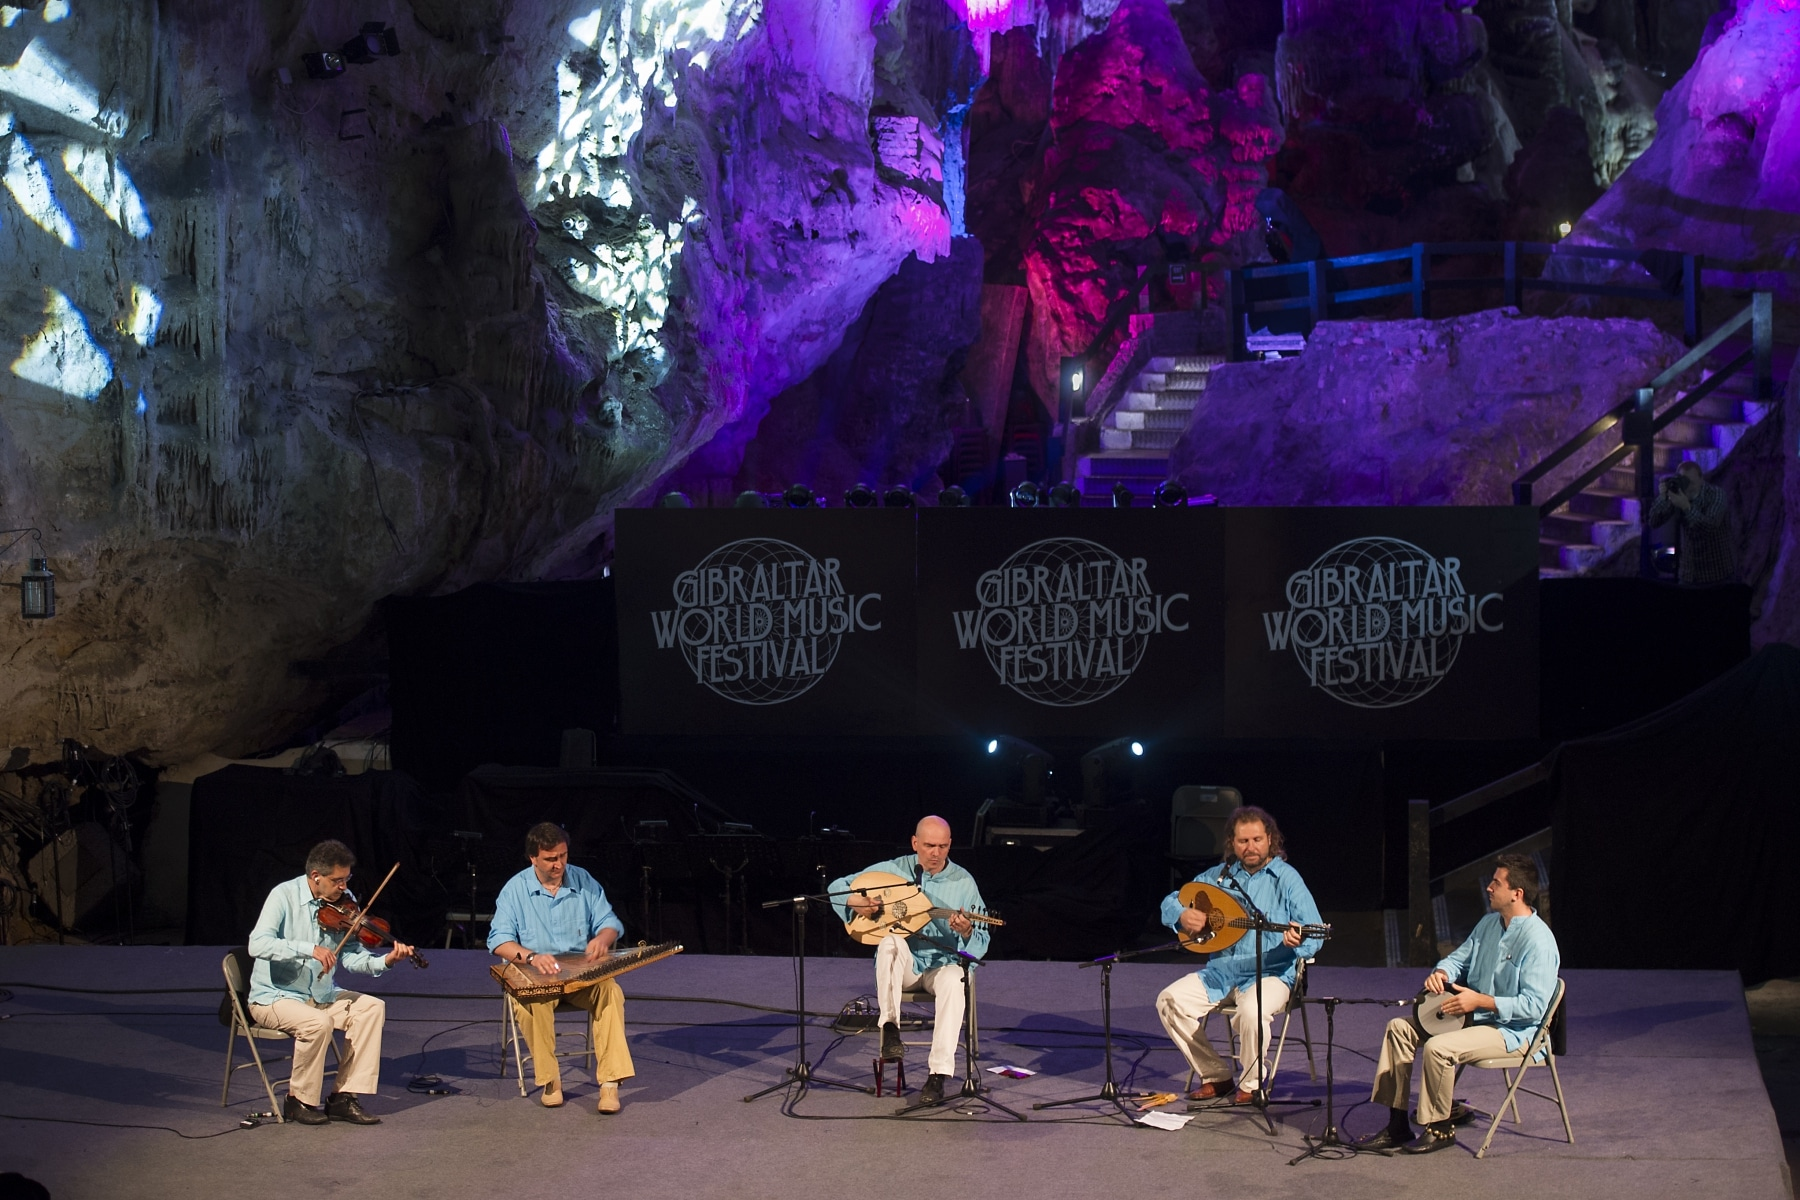 gibraltar-world-music-festival-dia-1-en-chordais-07_9225430980_o